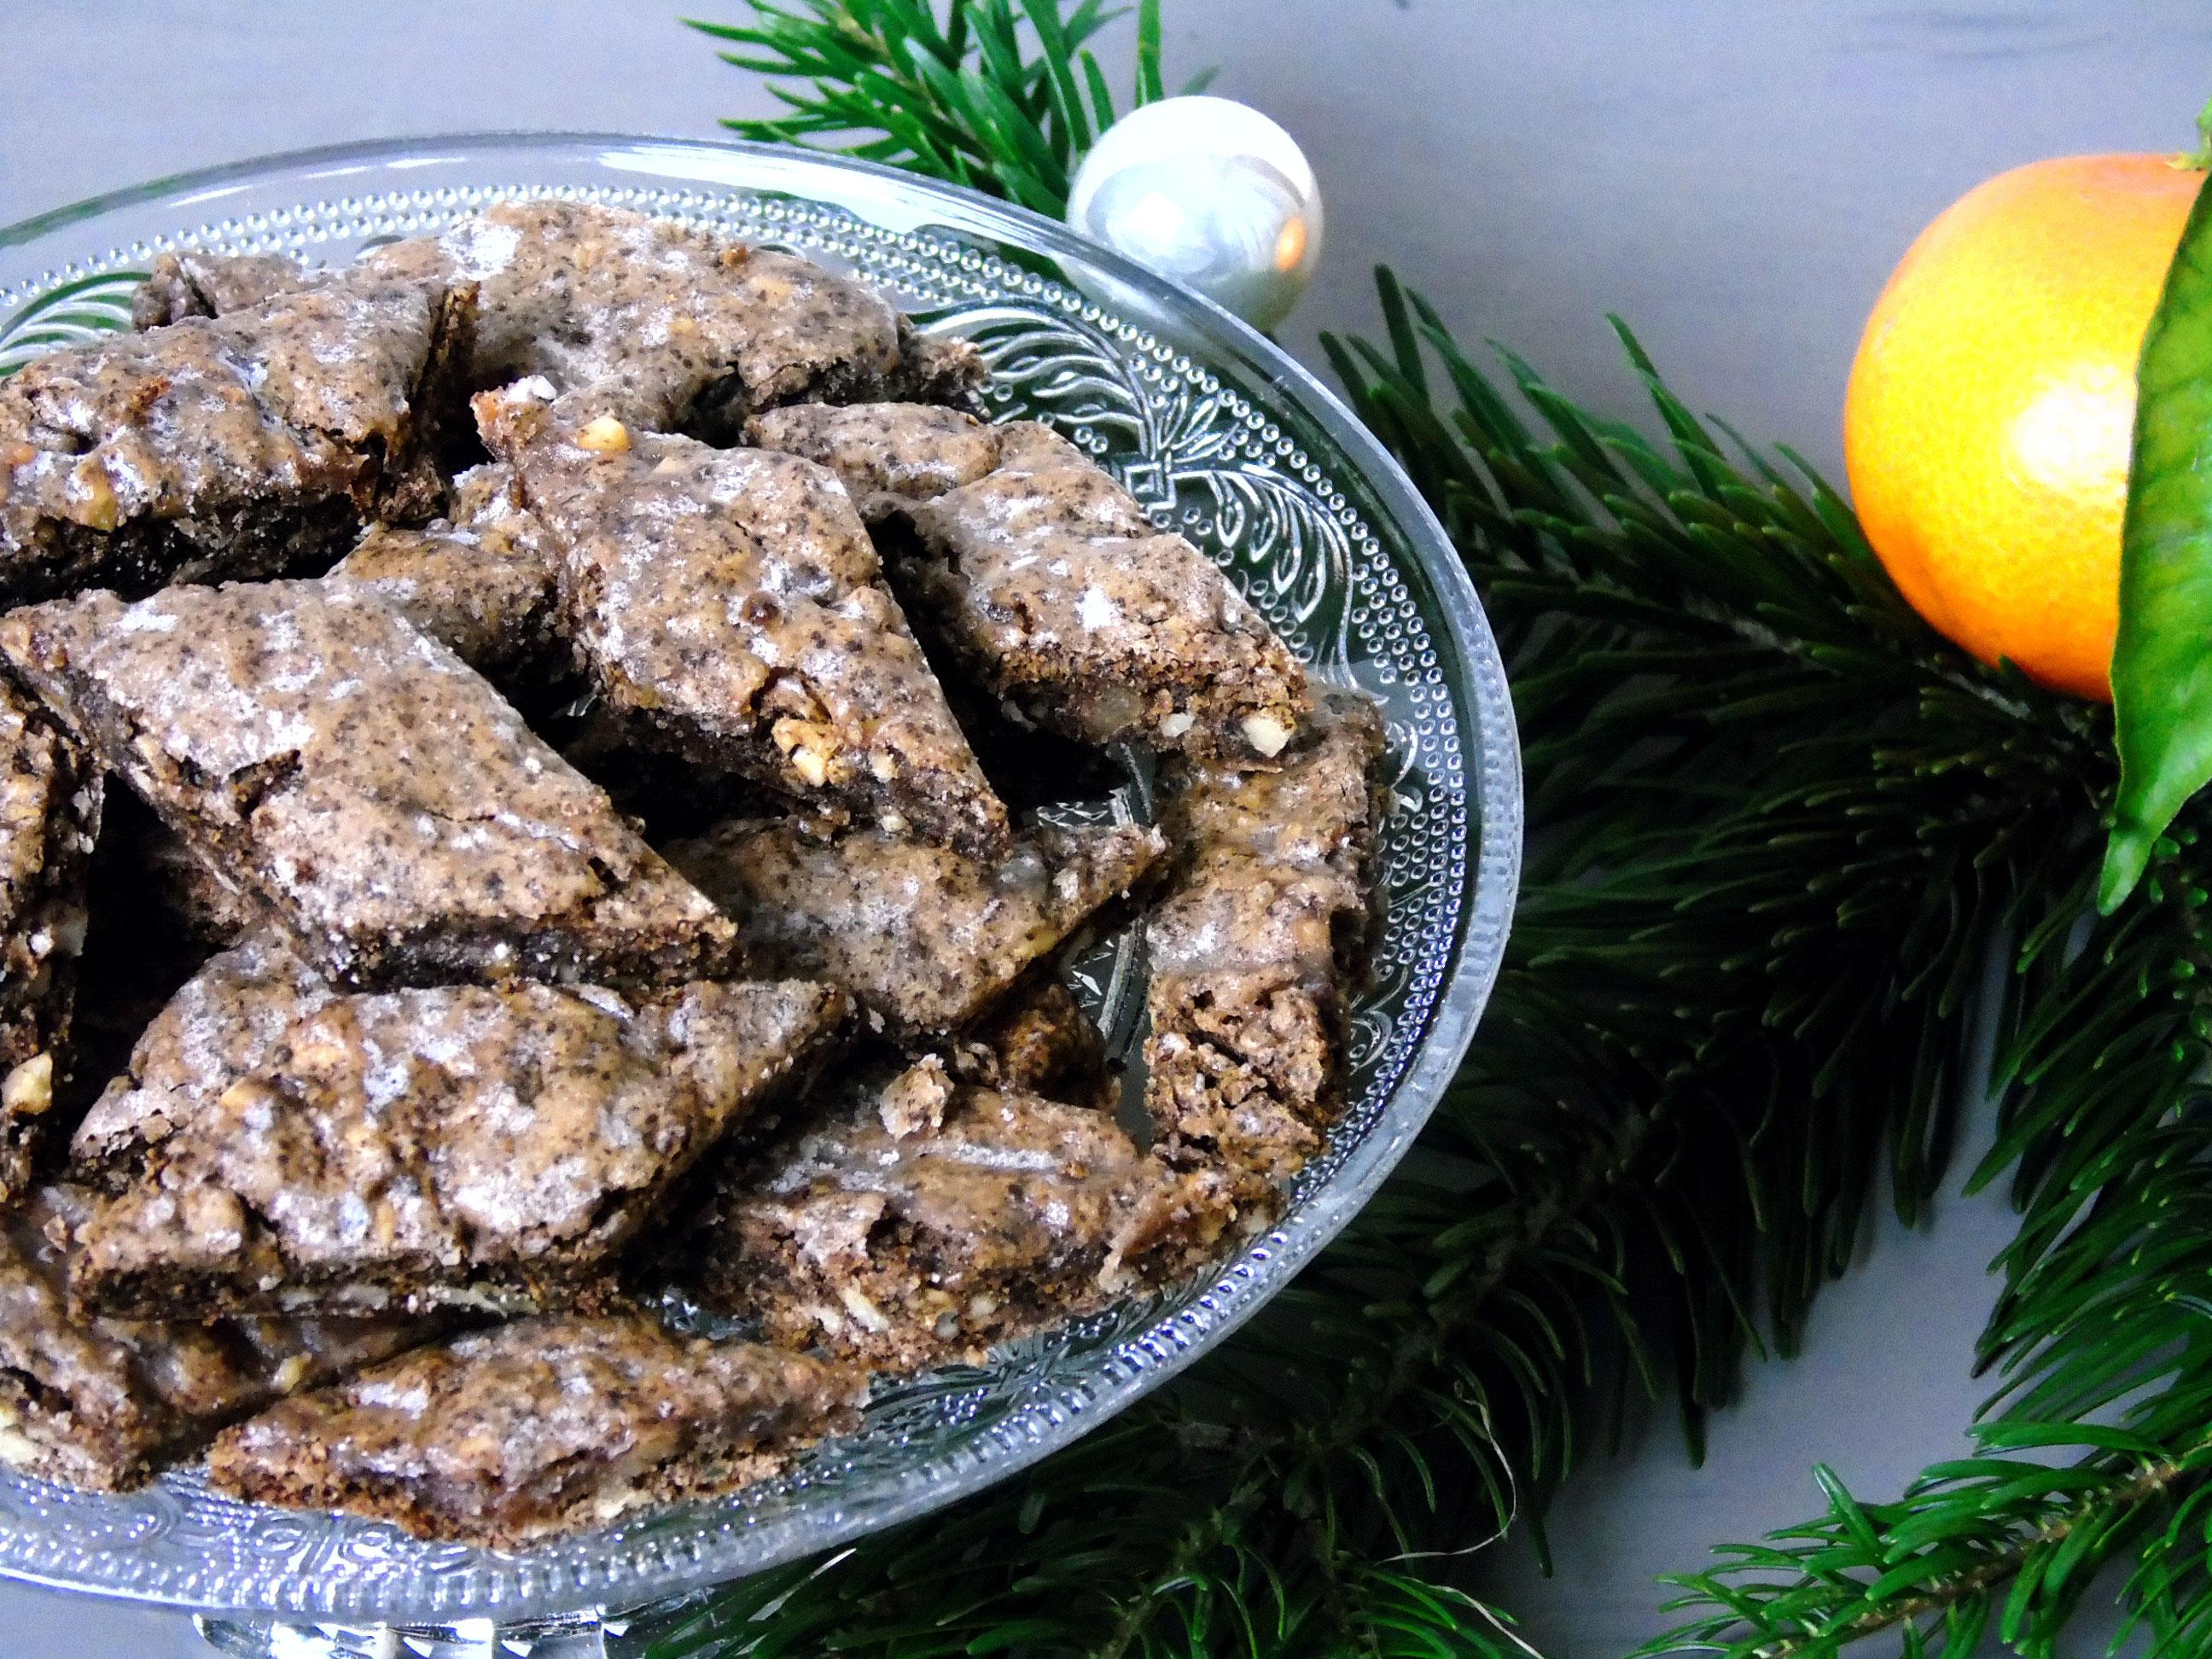 Schokoladenbrot Weihnachten.Tante Lore S Schokoladenbrot Zimtkringel About Food